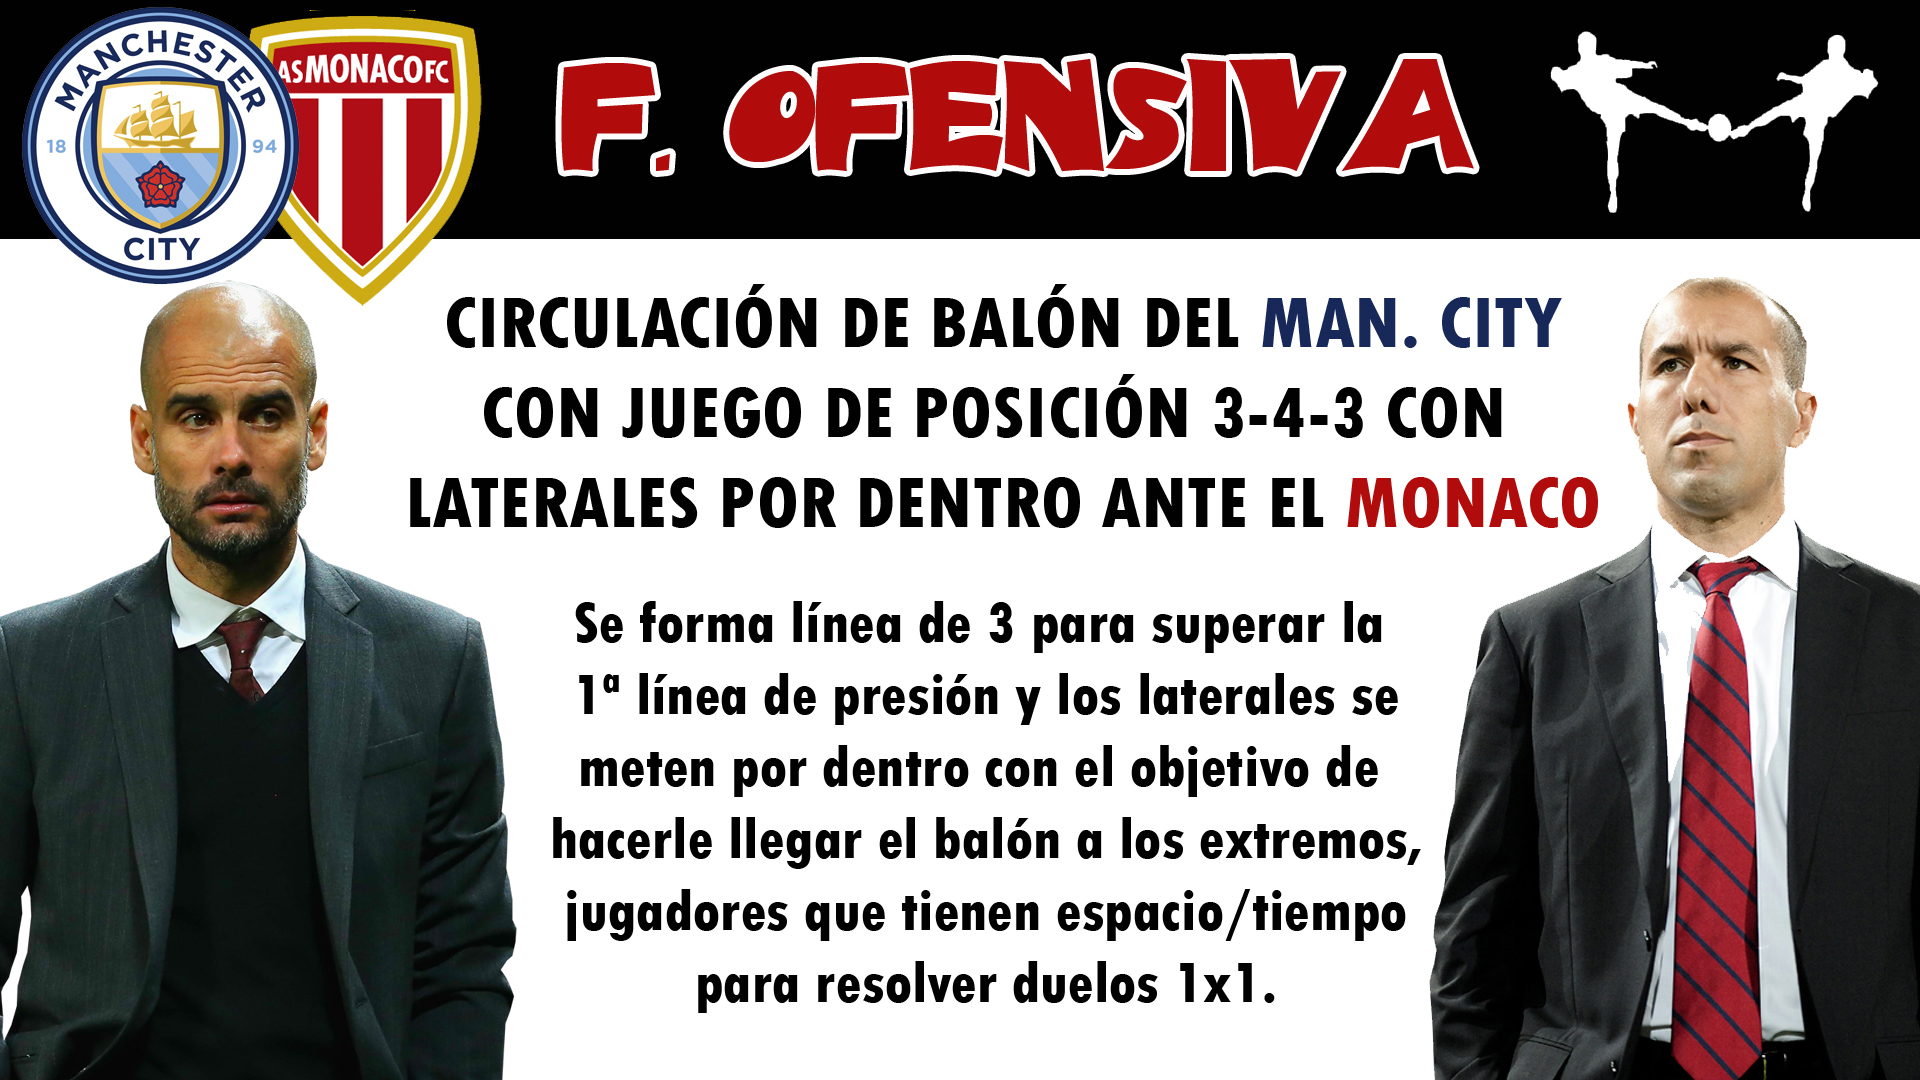 futbolcarrasco manchester city monaco champions league guardiola jardim entrenador